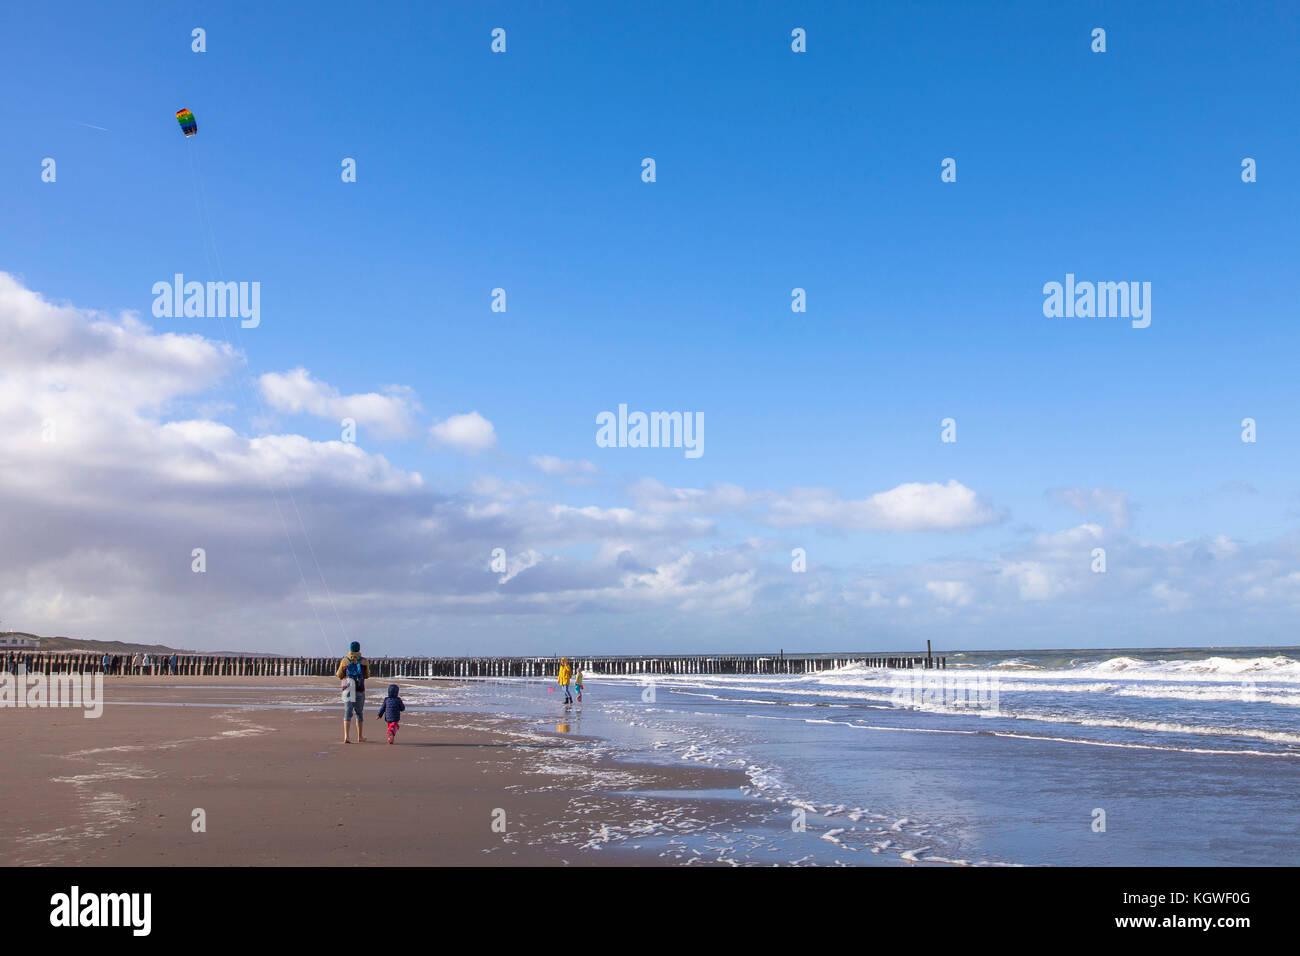 NiederlandeZeelandAm NiederlandeZeelandAm Strand Oostkapelle Und Strand Und Oostkapelle Zwischen Strand NiederlandeZeelandAm Zwischen oBeCWdxr